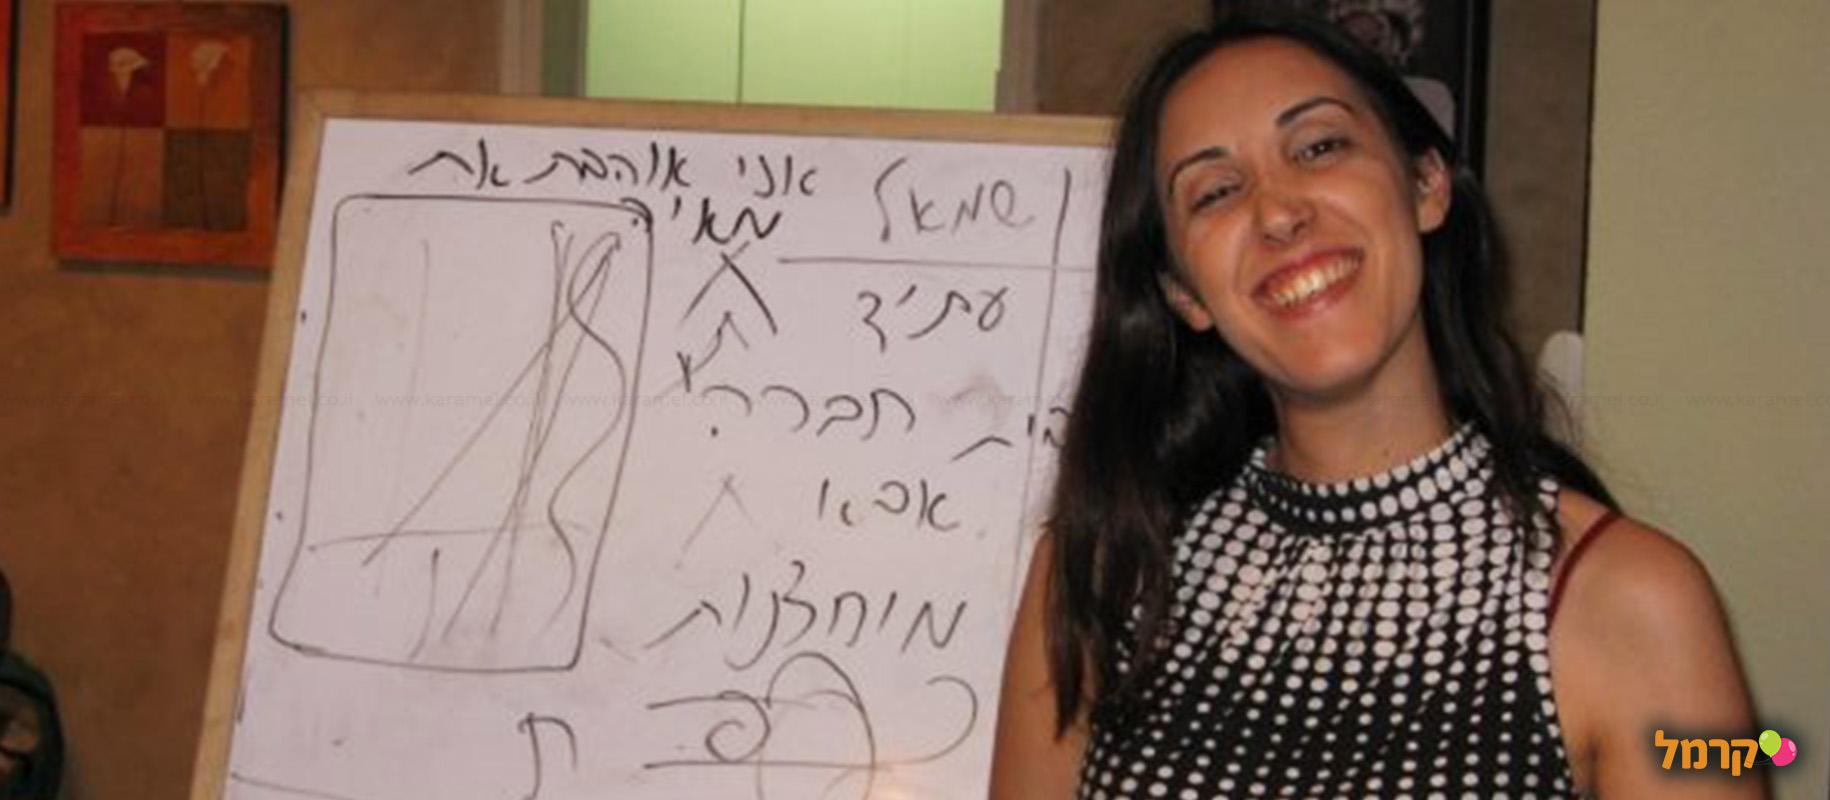 היופי שמאחורי הכתב עם מאיה הראל - 073-7026732